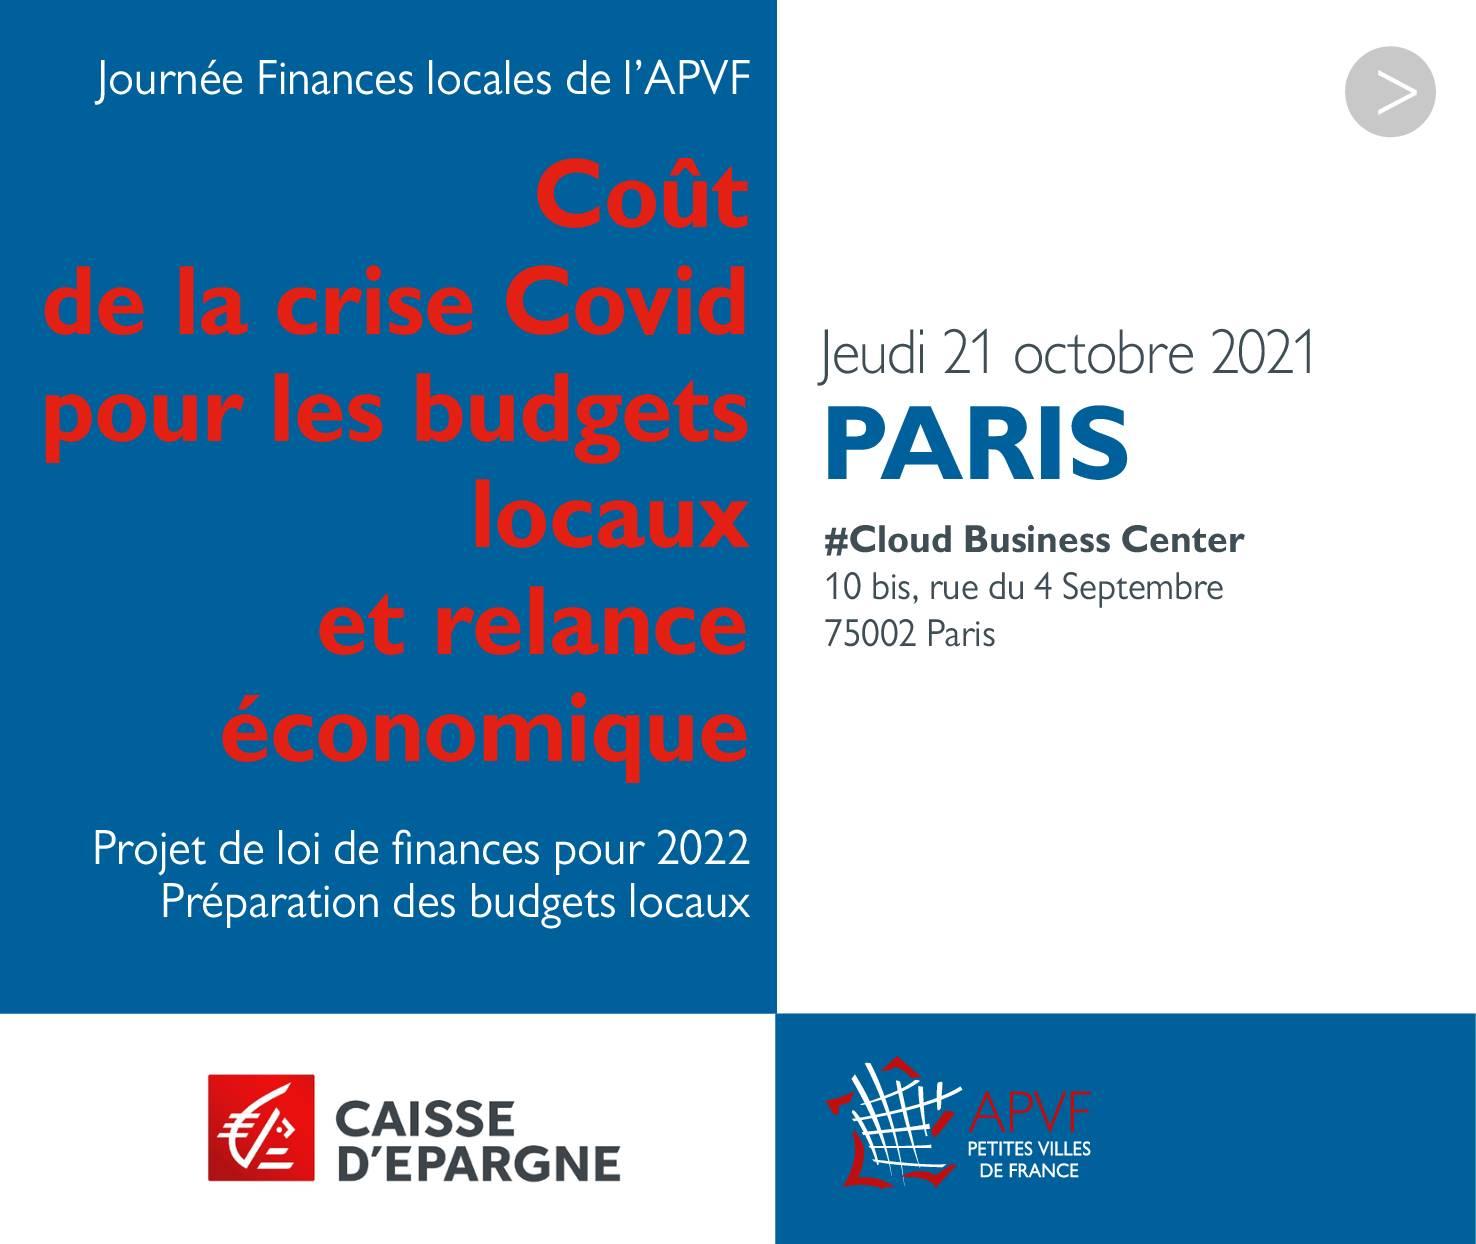 """SAVE THE DATE 21 octobre - Journée des finances publiques : """"Coût de la crise Covid pour les budgets et relance économique"""""""